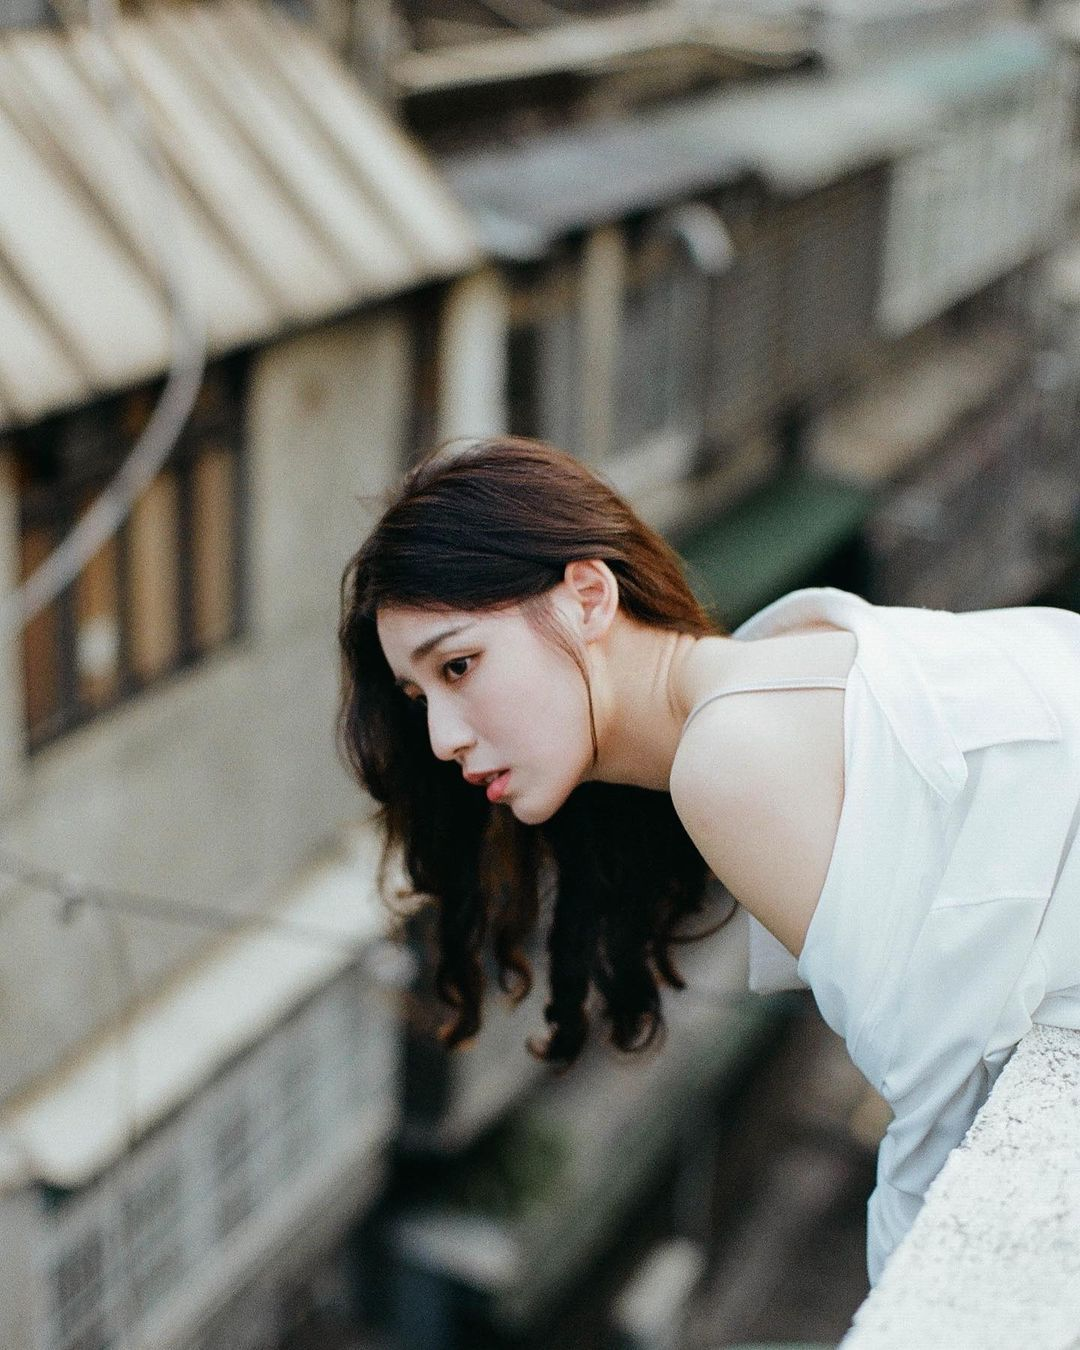 清纯系女神「Chin 沁柔」今年18岁!甜美笑容和窈窕蛮腰,让人瞬间恋爱!-新图包